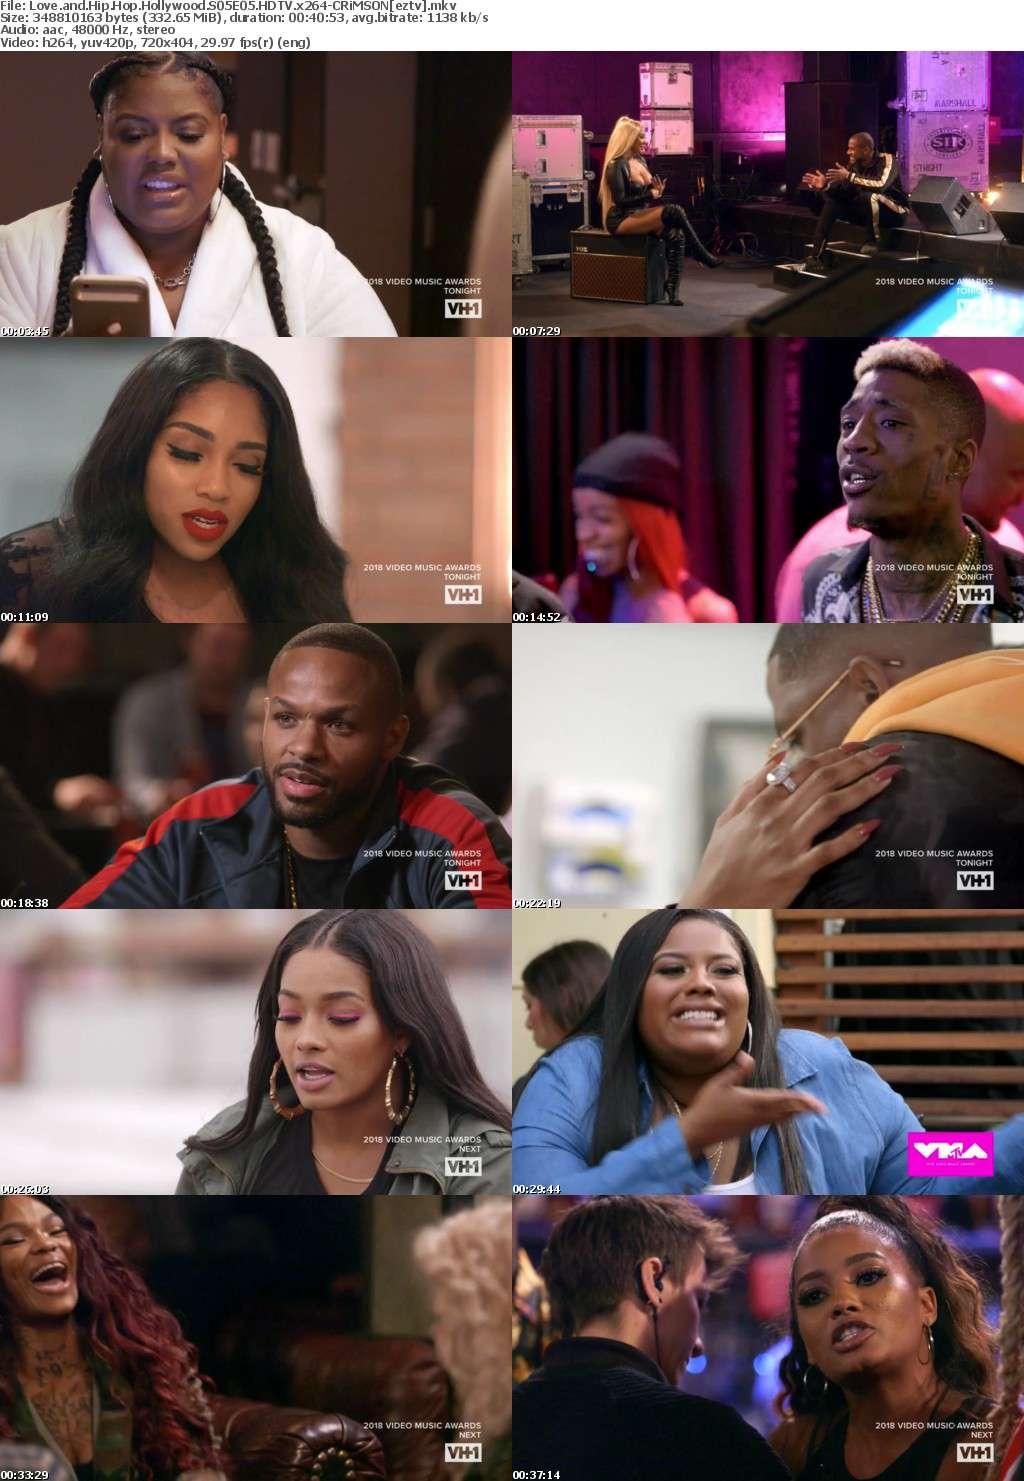 Love and Hip Hop Hollywood S05E05 HDTV x264-CRiMSON